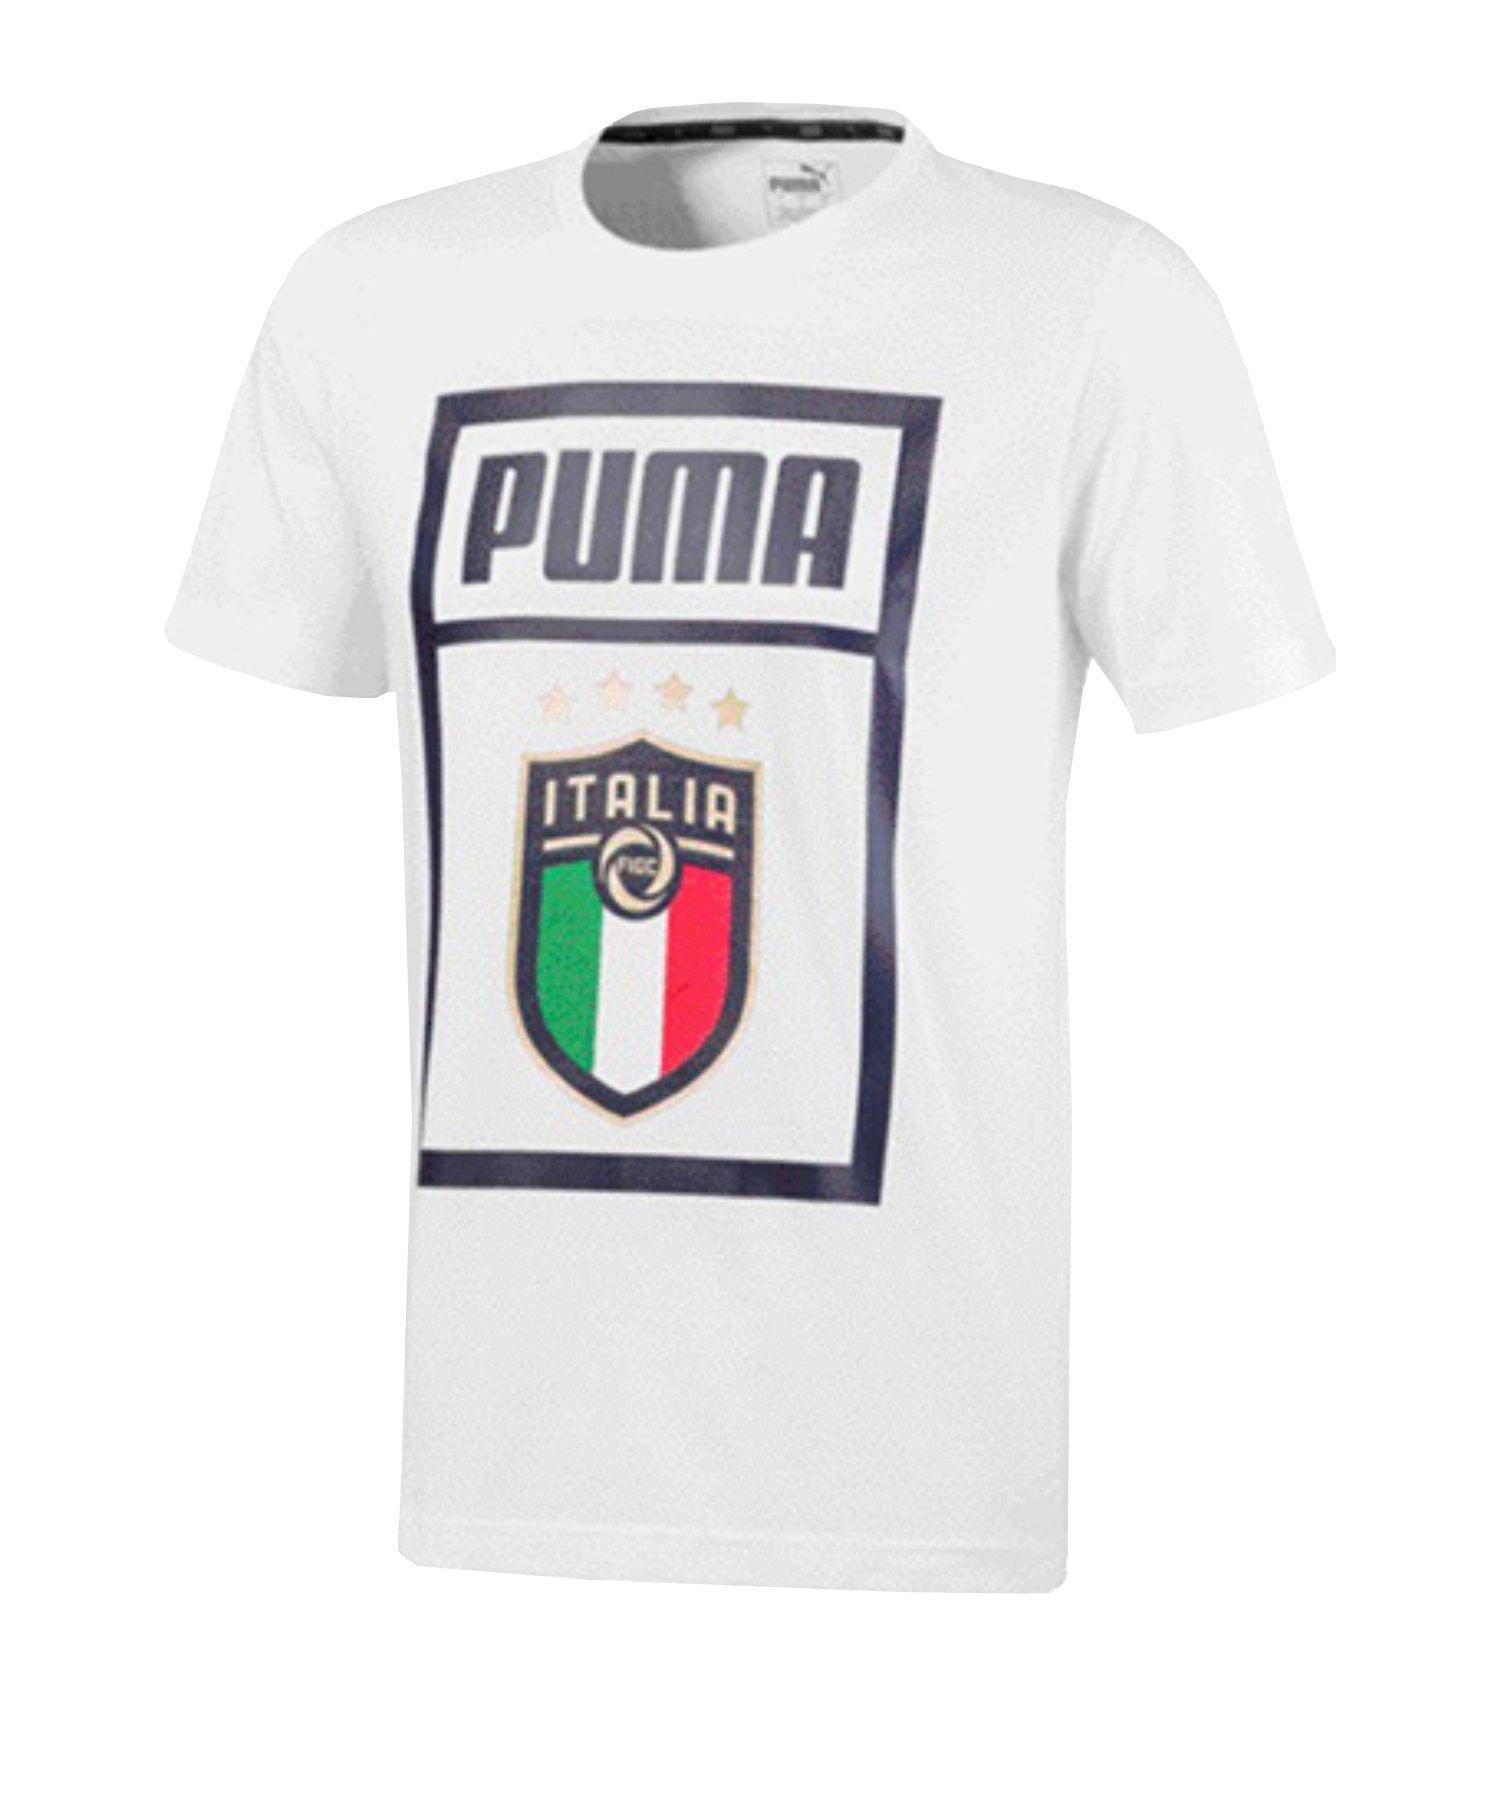 PUMA Italien DNA T-Shirt Weiss F17 - weiss